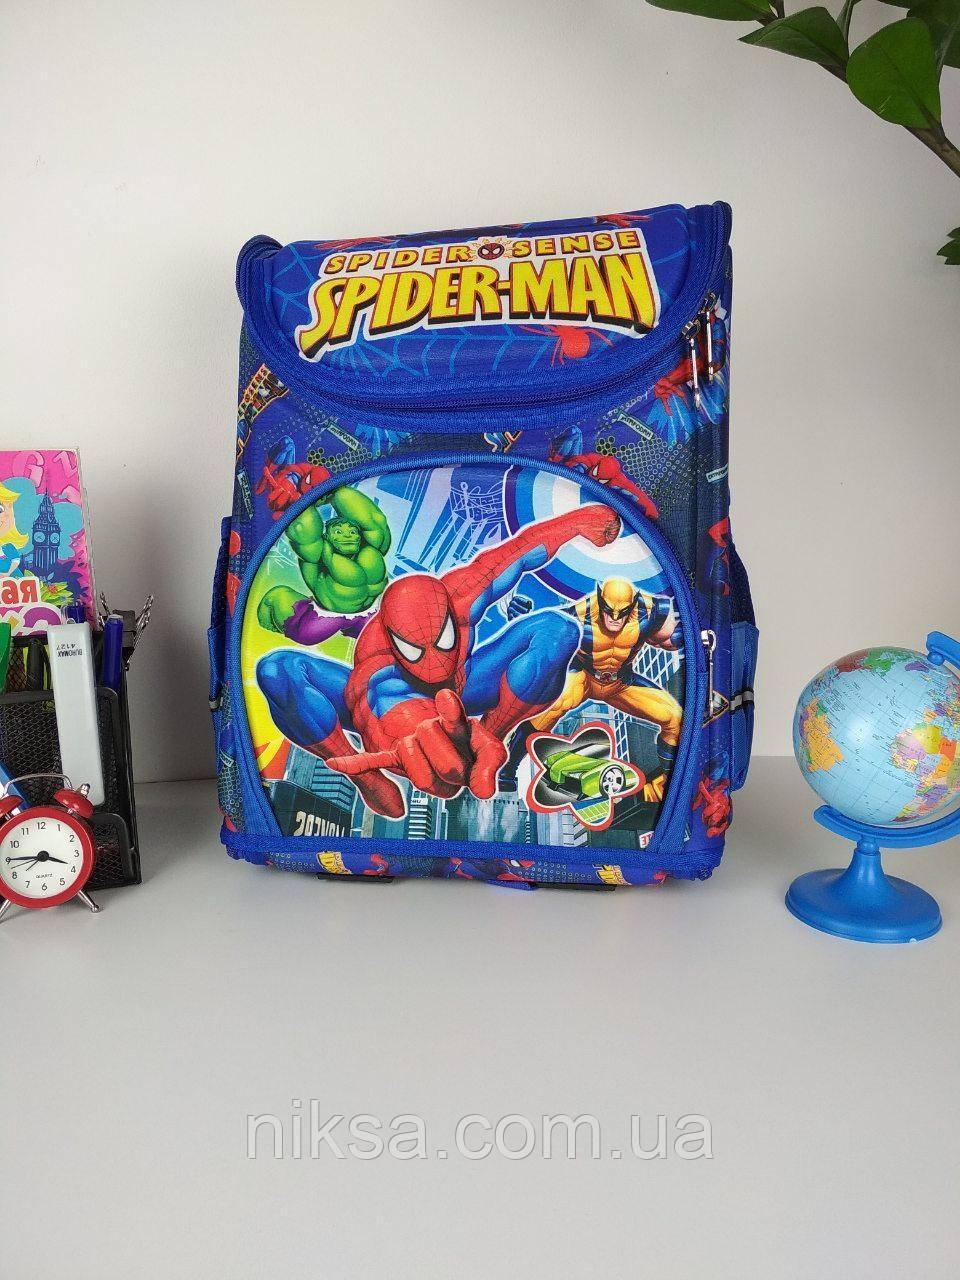 Рюкзак Человек-паук (Спайдермен) каркасный для девочек и мальчиков размер 37х29х20